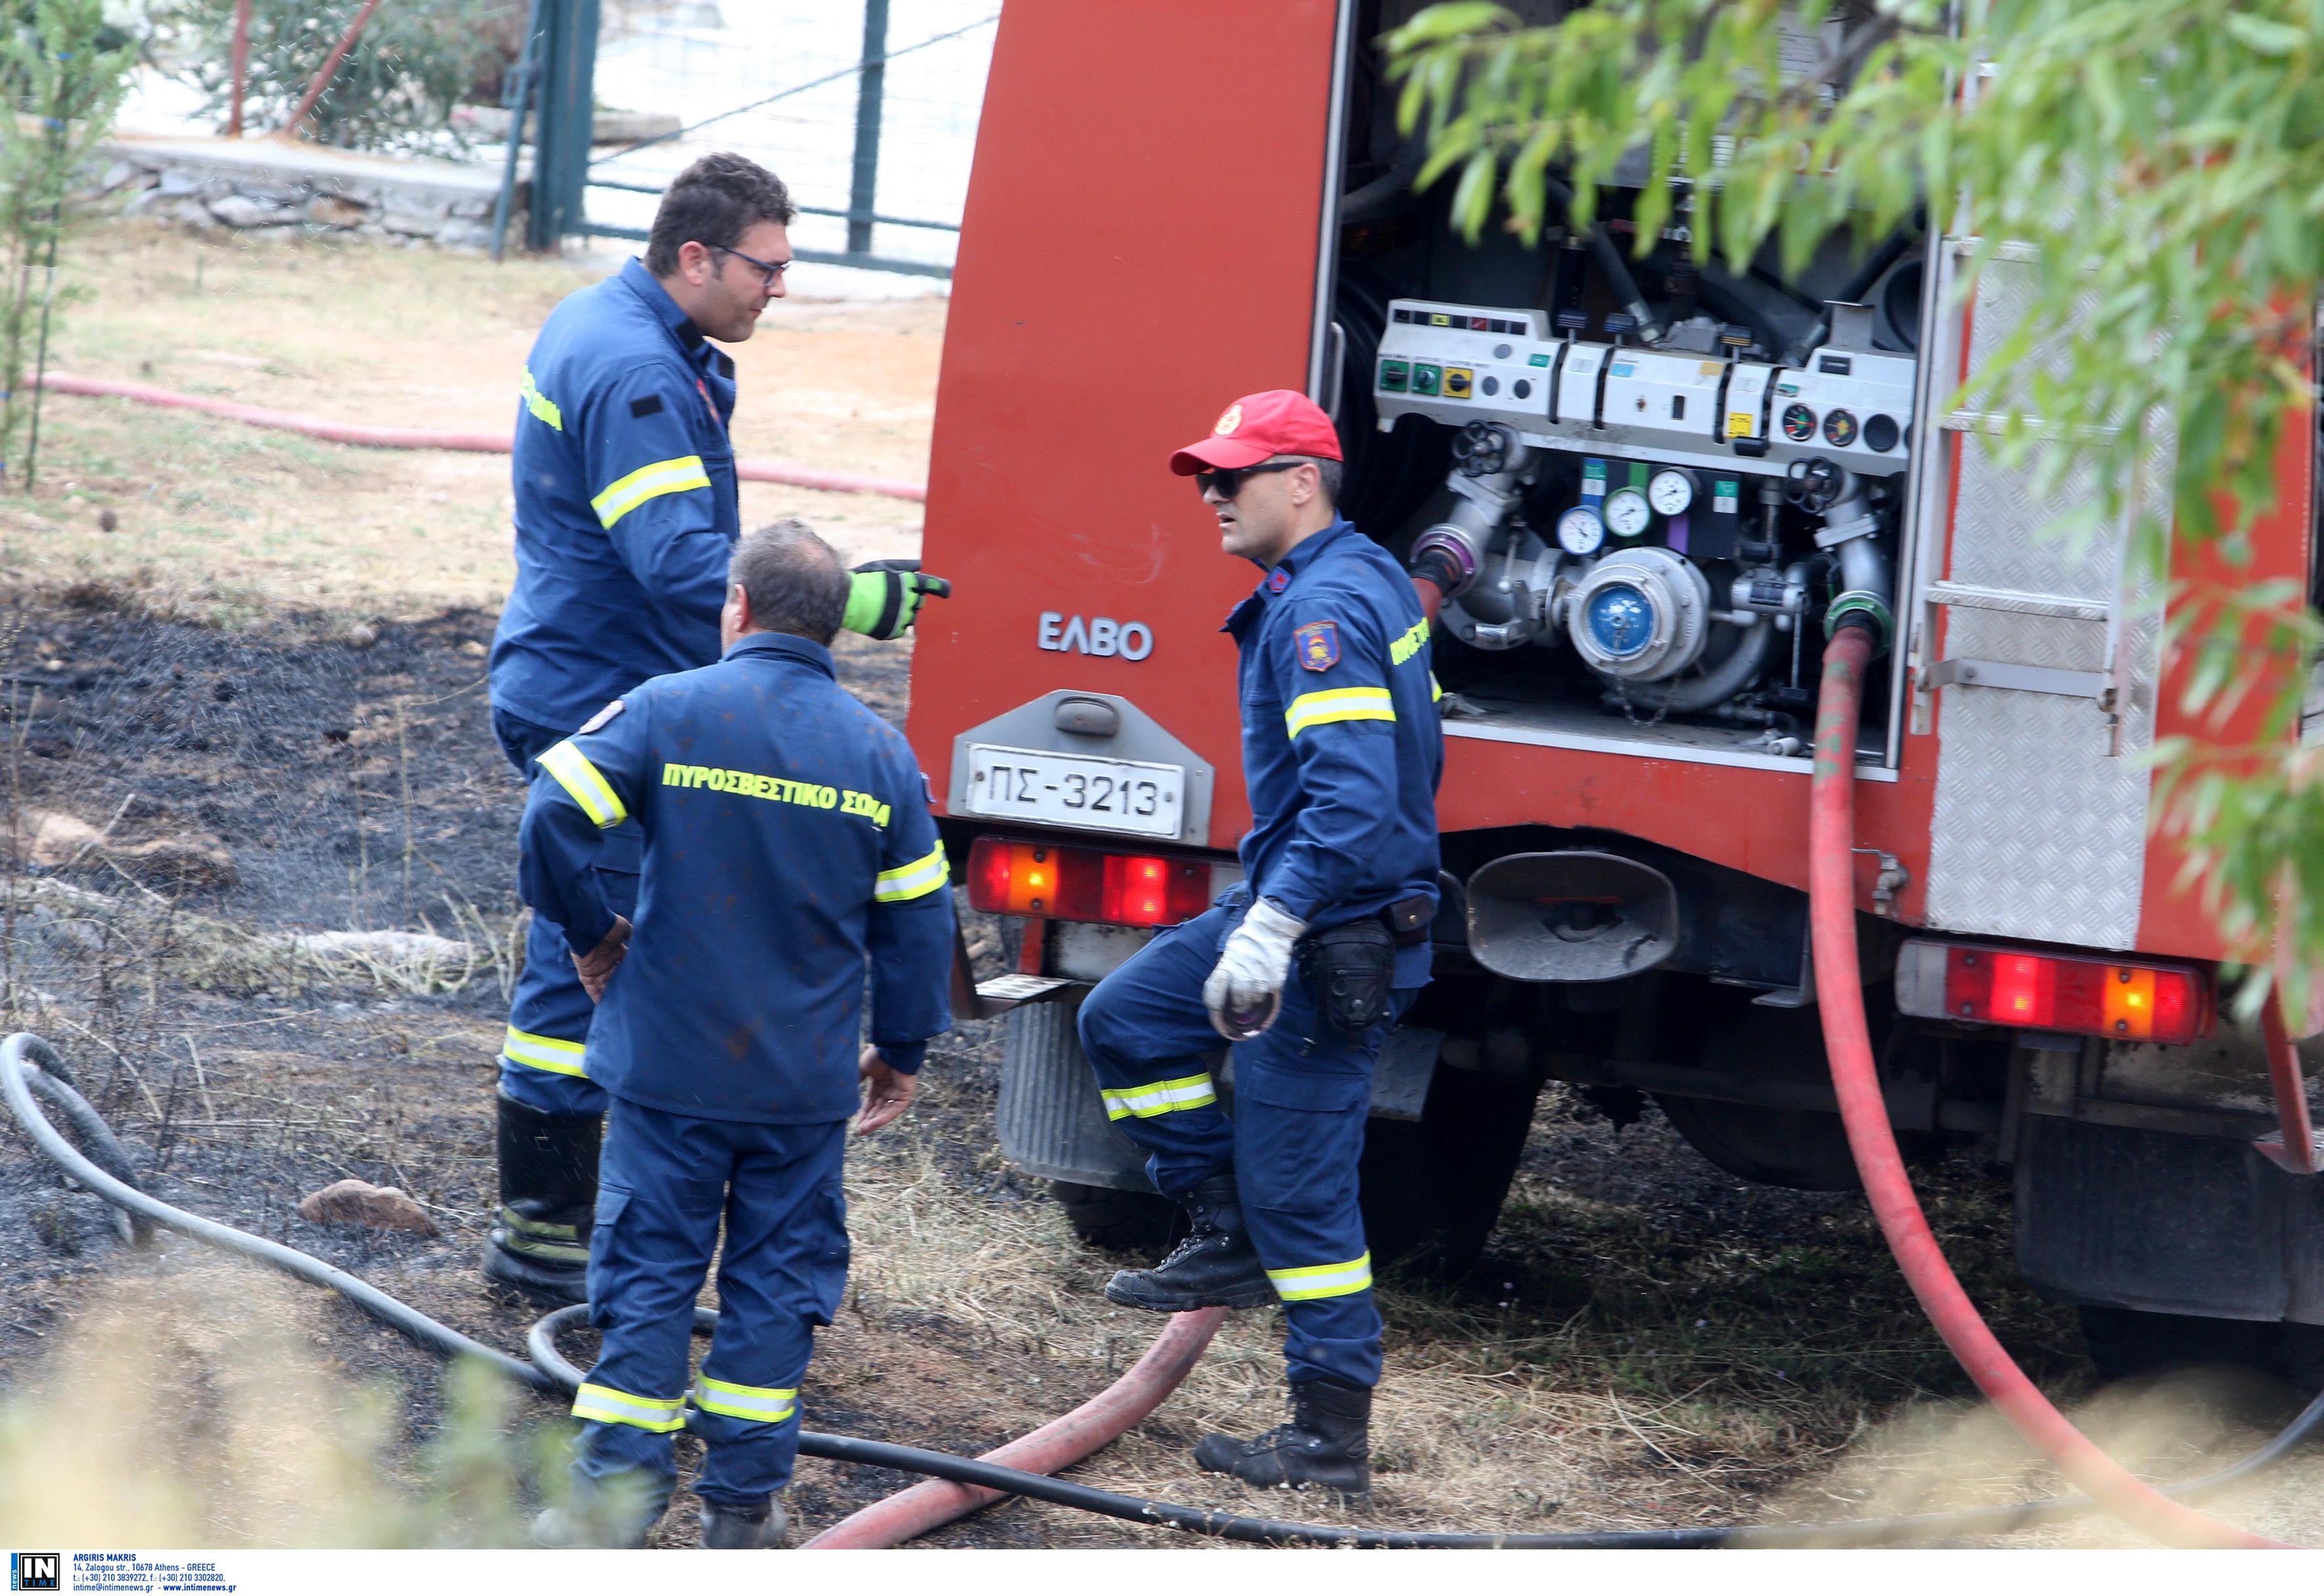 Ηράκλειο: Aπεγκλωβισμός γυναίκας από φλεγόμενο σπίτι – Η μεγάλη φωτιά κατέστρεψε τα πάντα